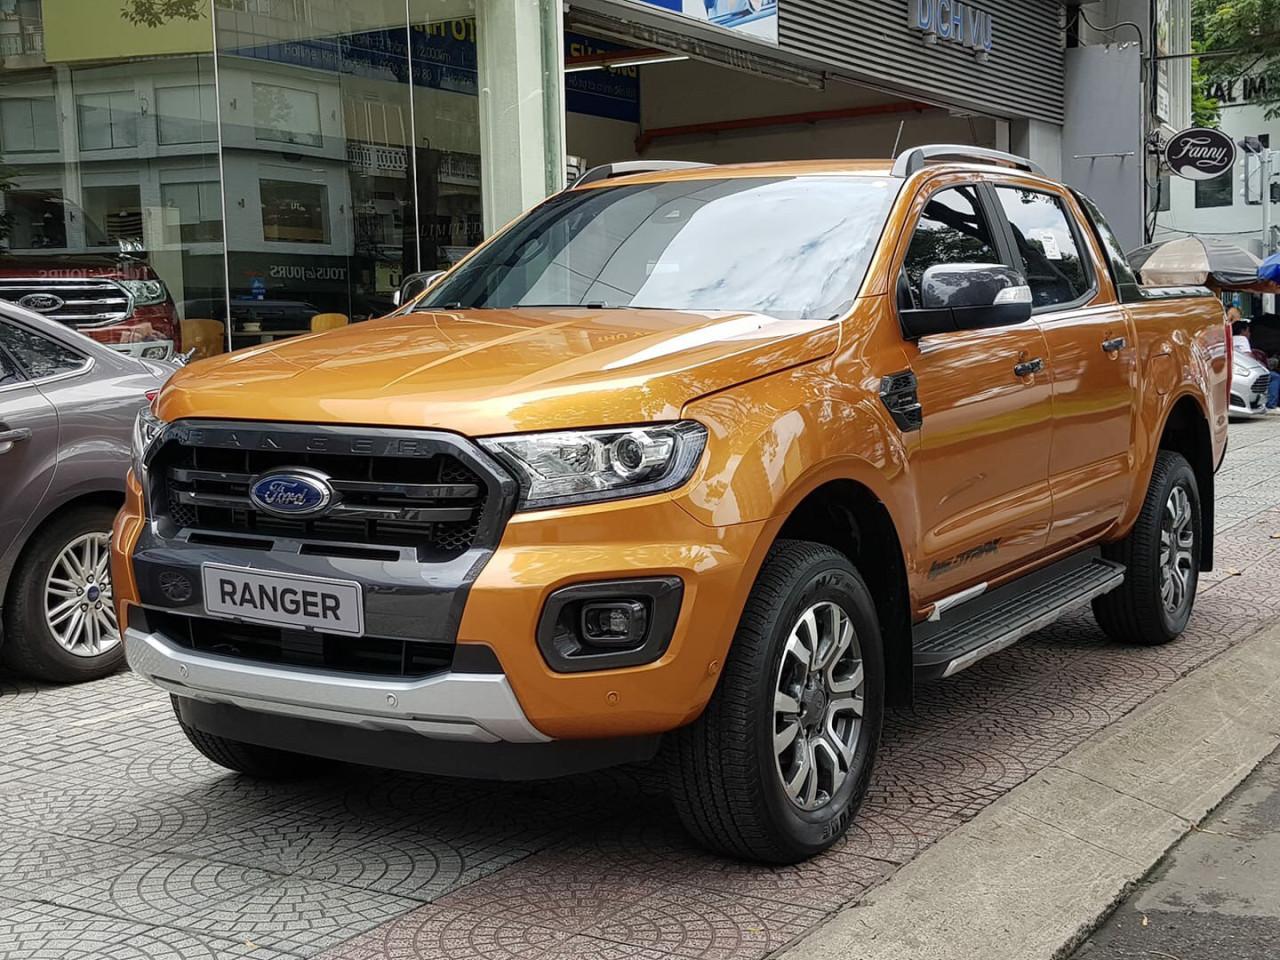 Tìm hiểu về xe Ford Ranger Ranger-autobenthanhford.com-7